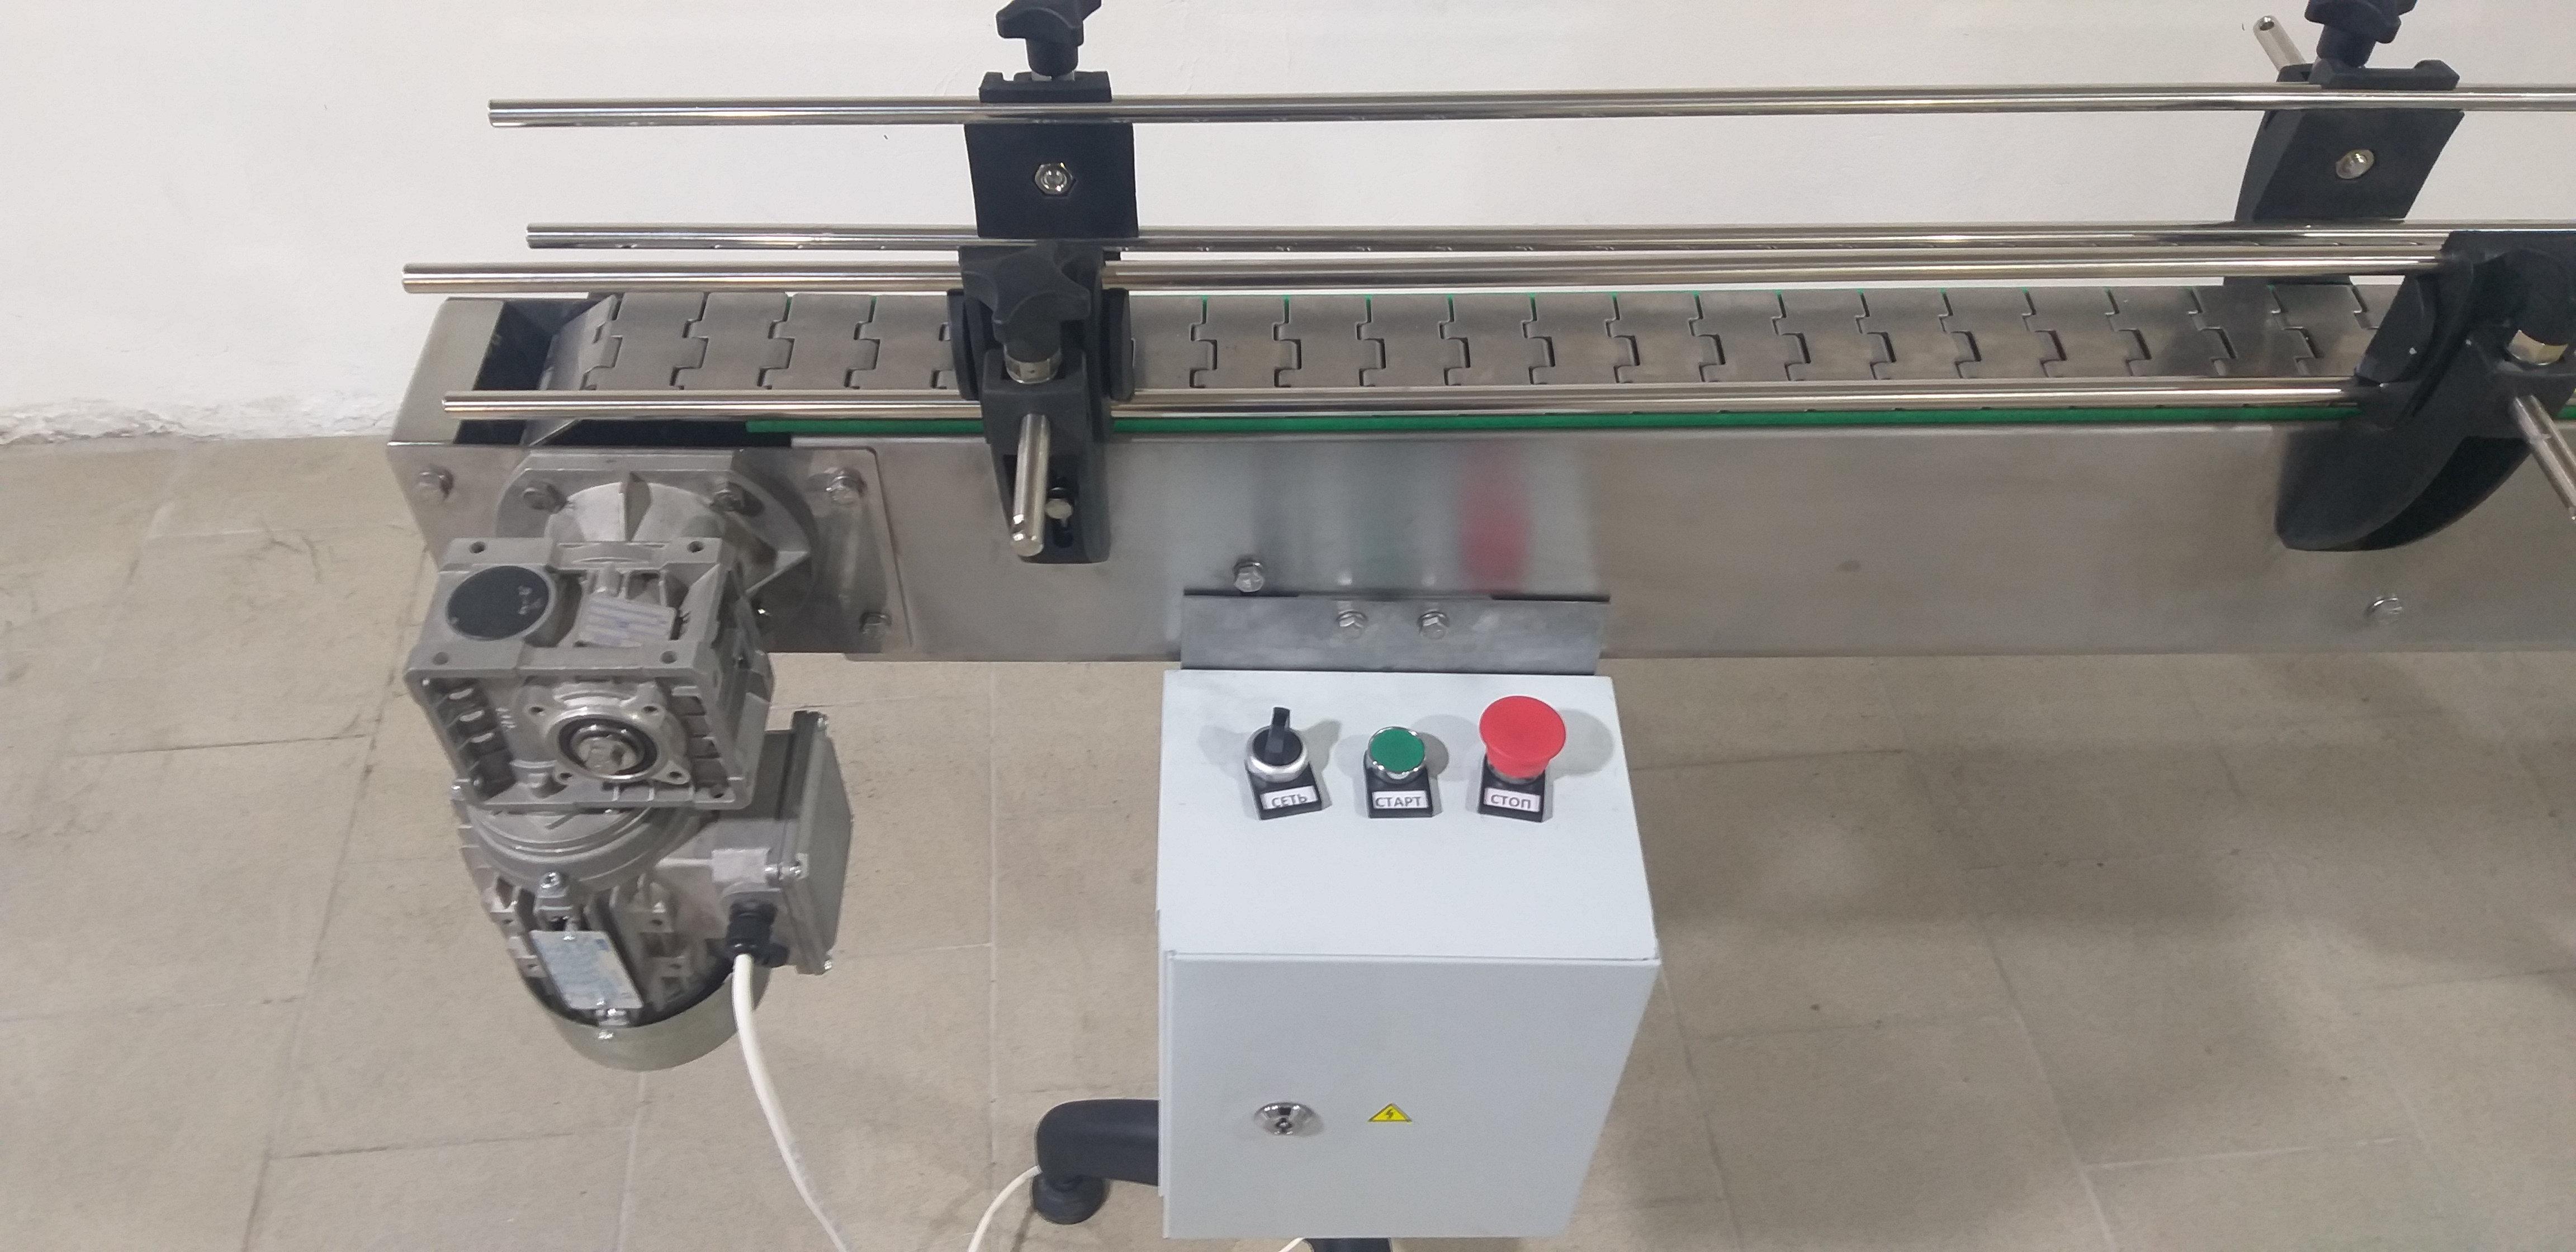 Конвейер для перемещения бутылок привод элеватора кинематическая схема